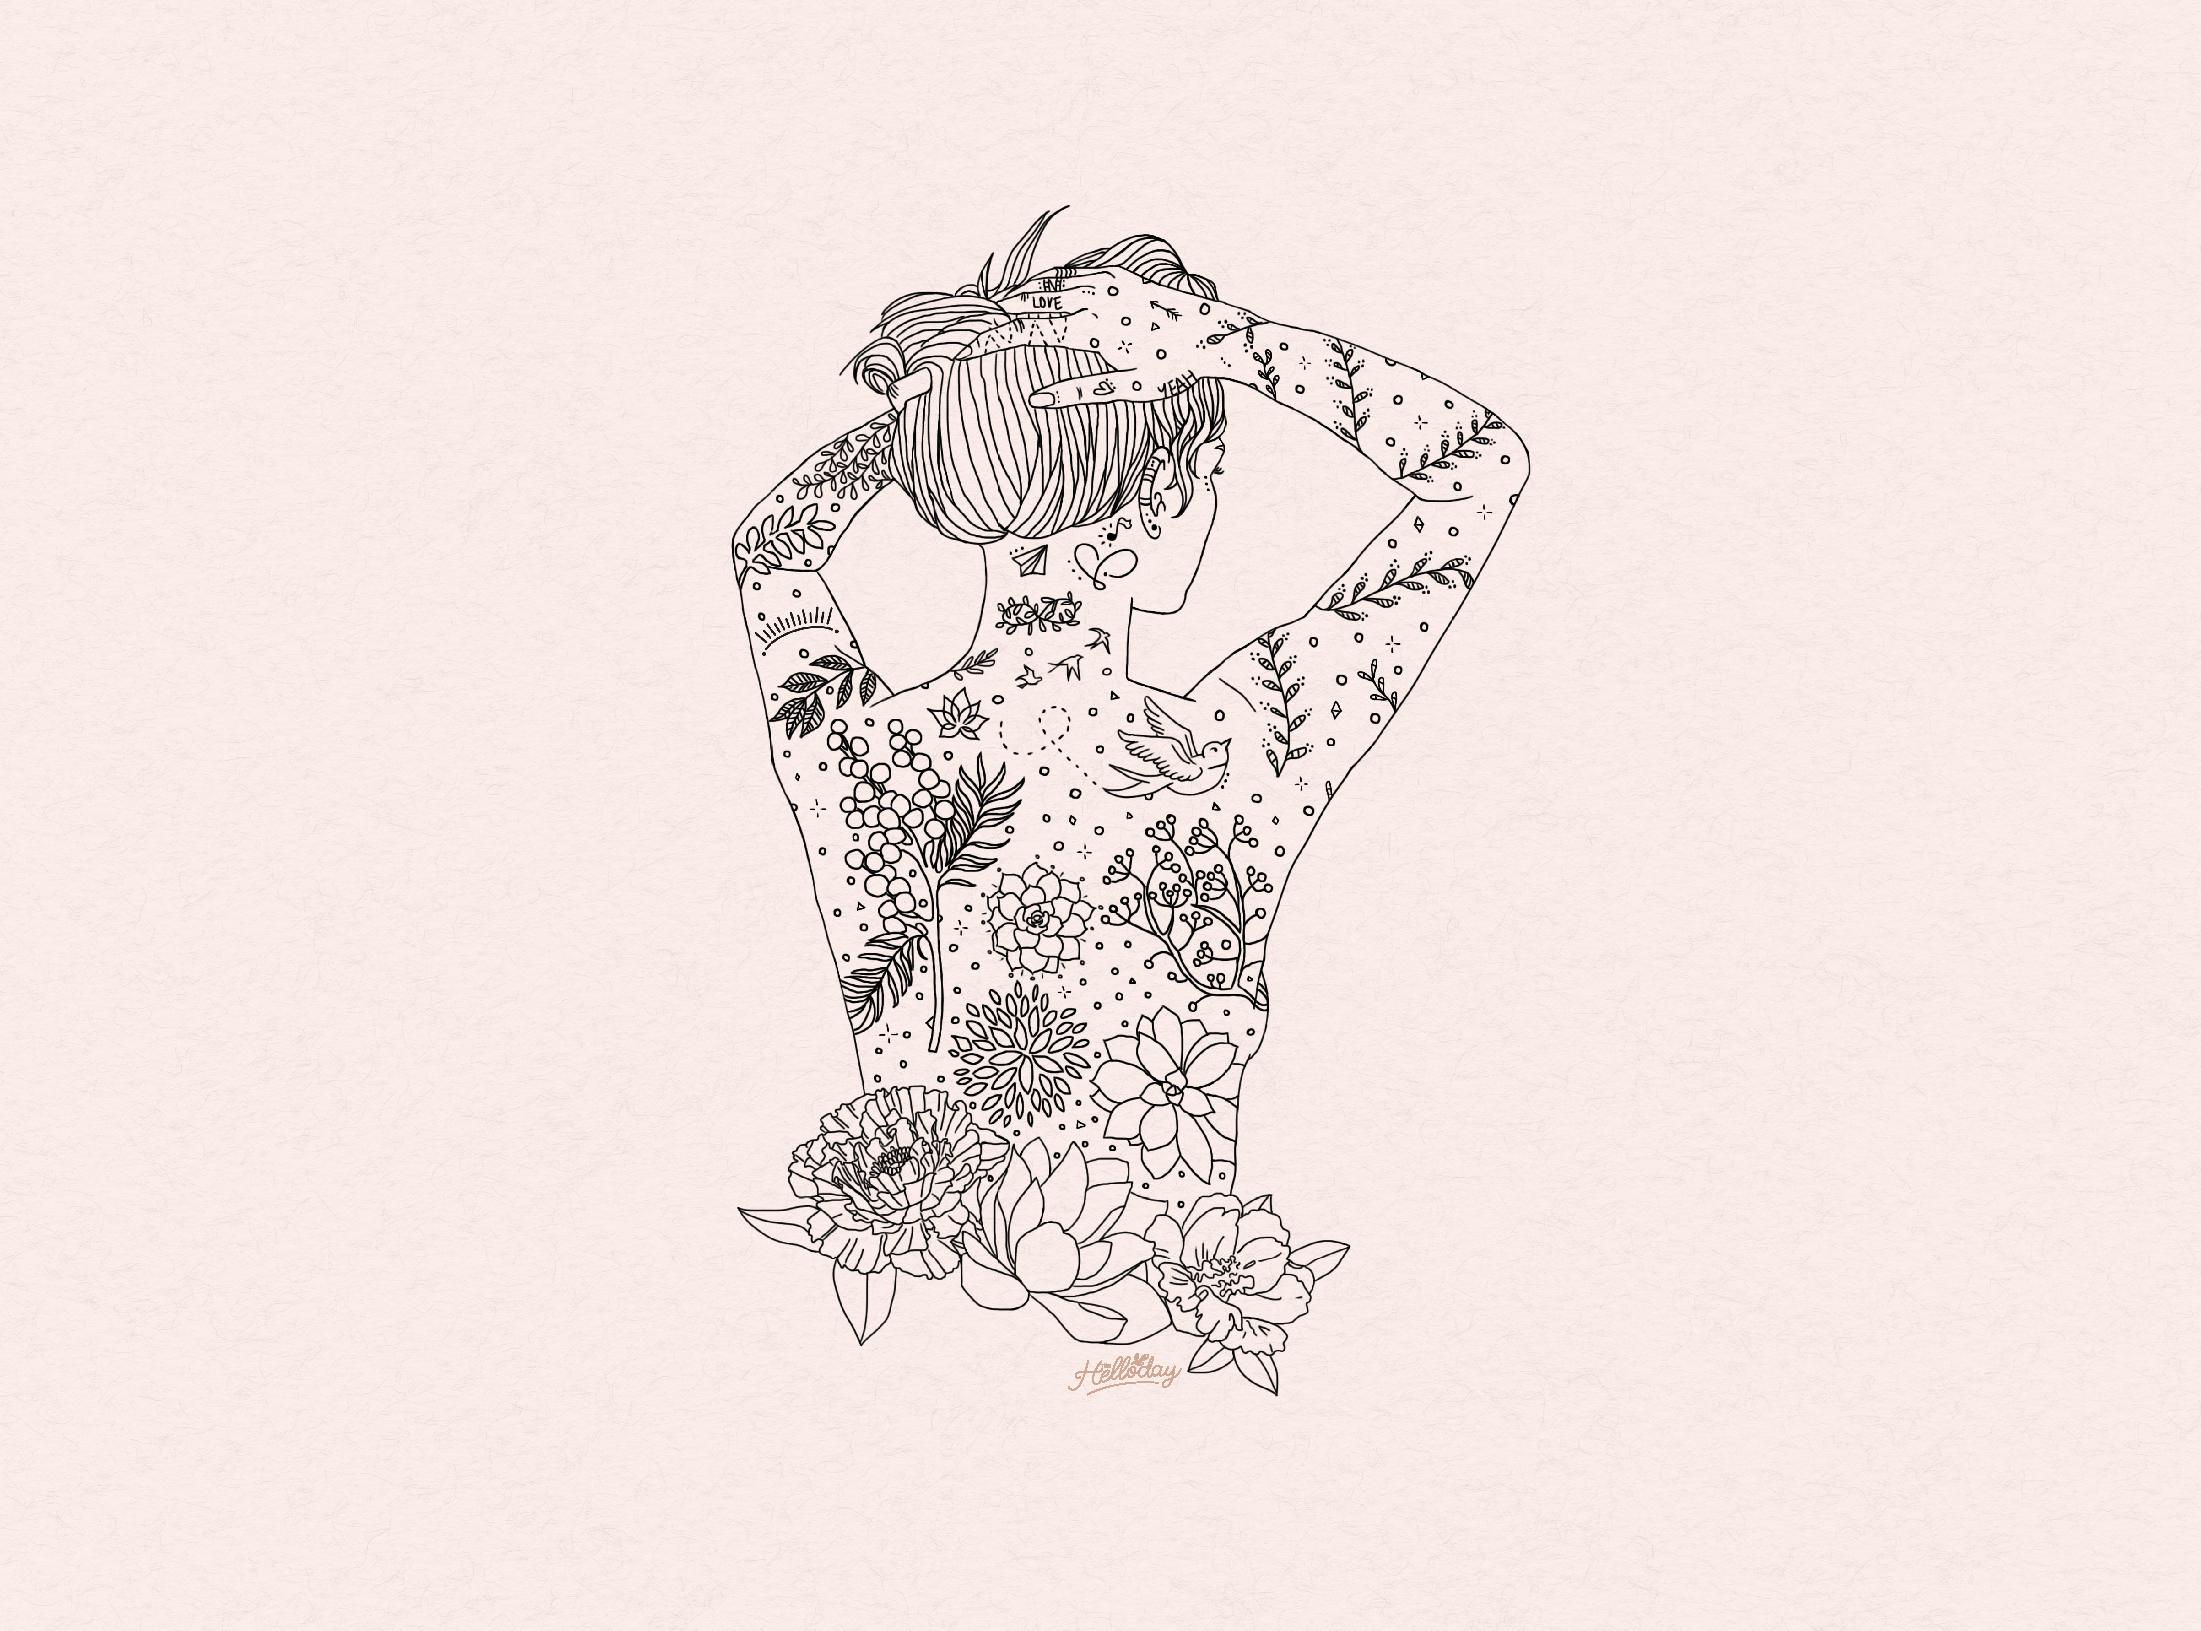 Illustration La Femme Tattoo